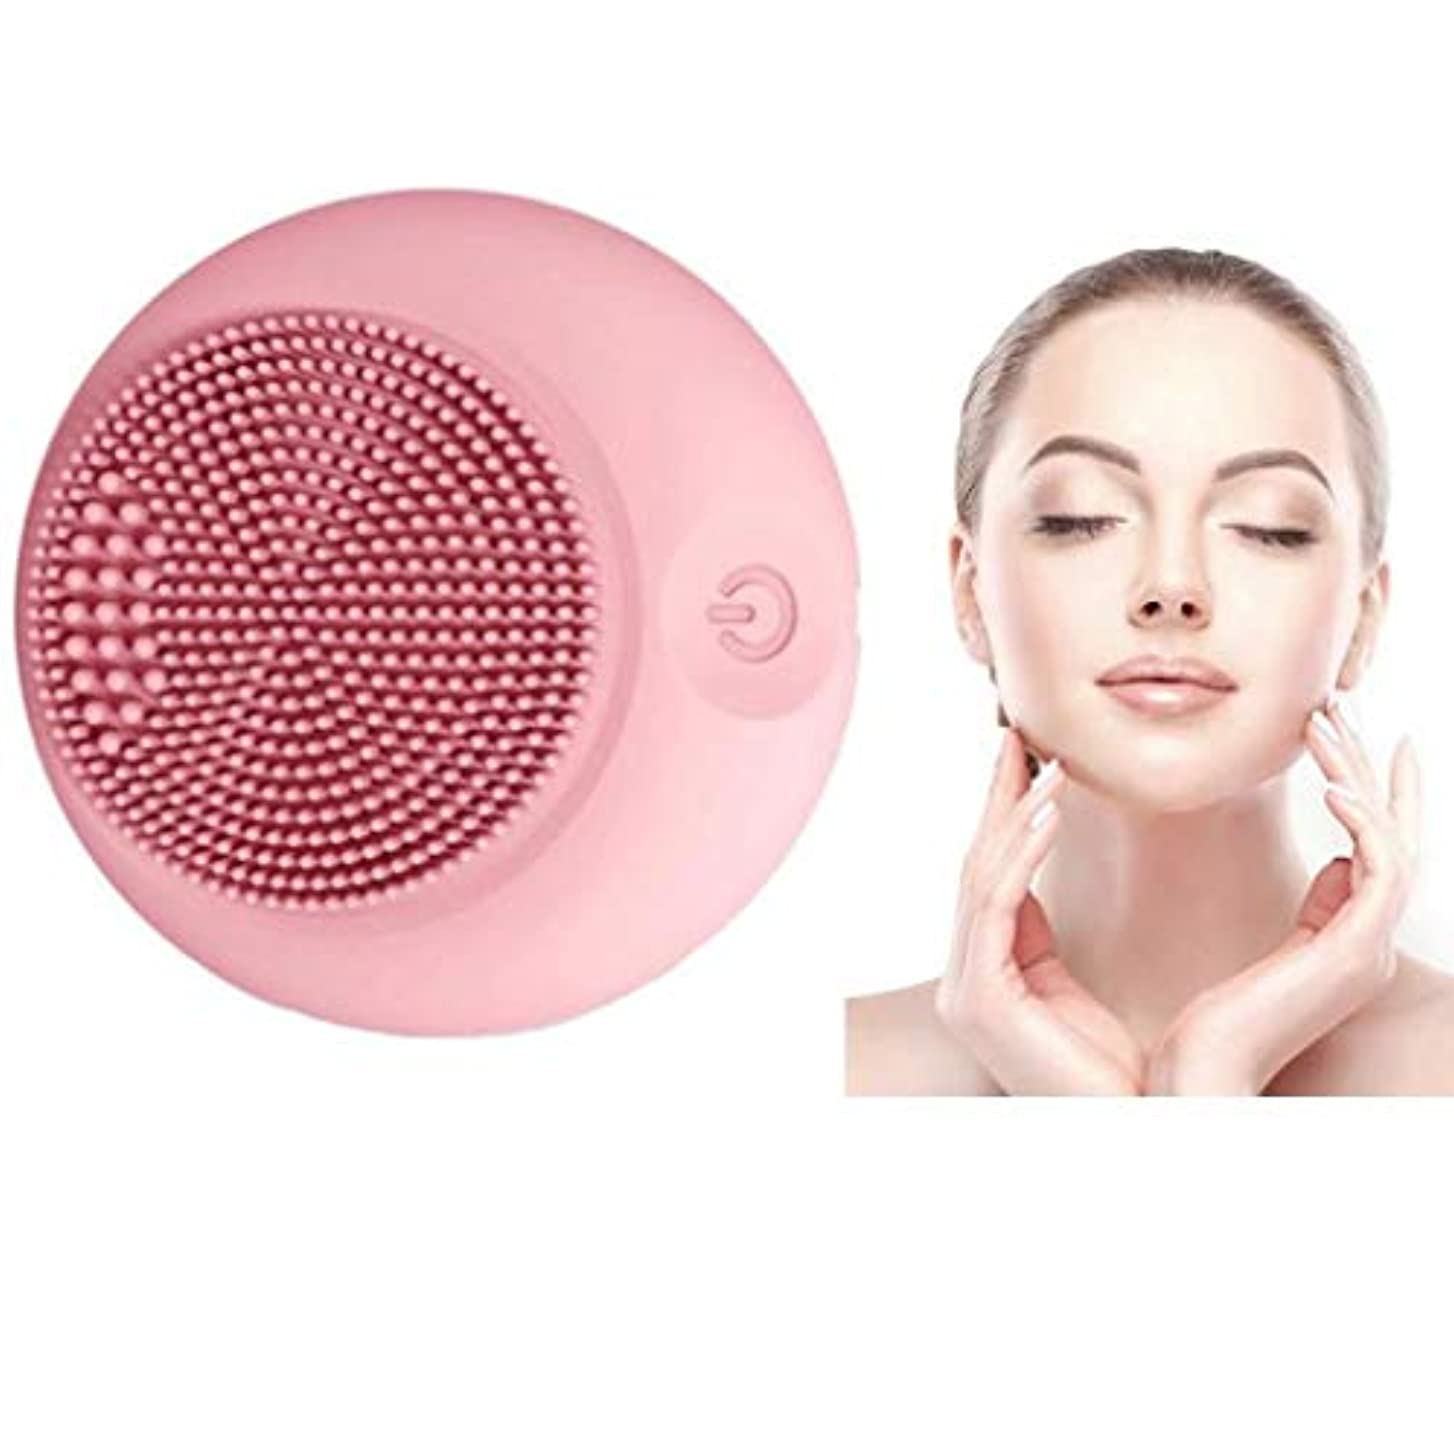 カーテン天文学名前クレンジング楽器、シリコンクレンジングブラシ、電動ウォッシュブラシ、シリコンフェイシャルマッサージ、ポータブル超音波振動、肌を清潔に保ち、防水、すべての肌タイプに適して (Color : Pink)